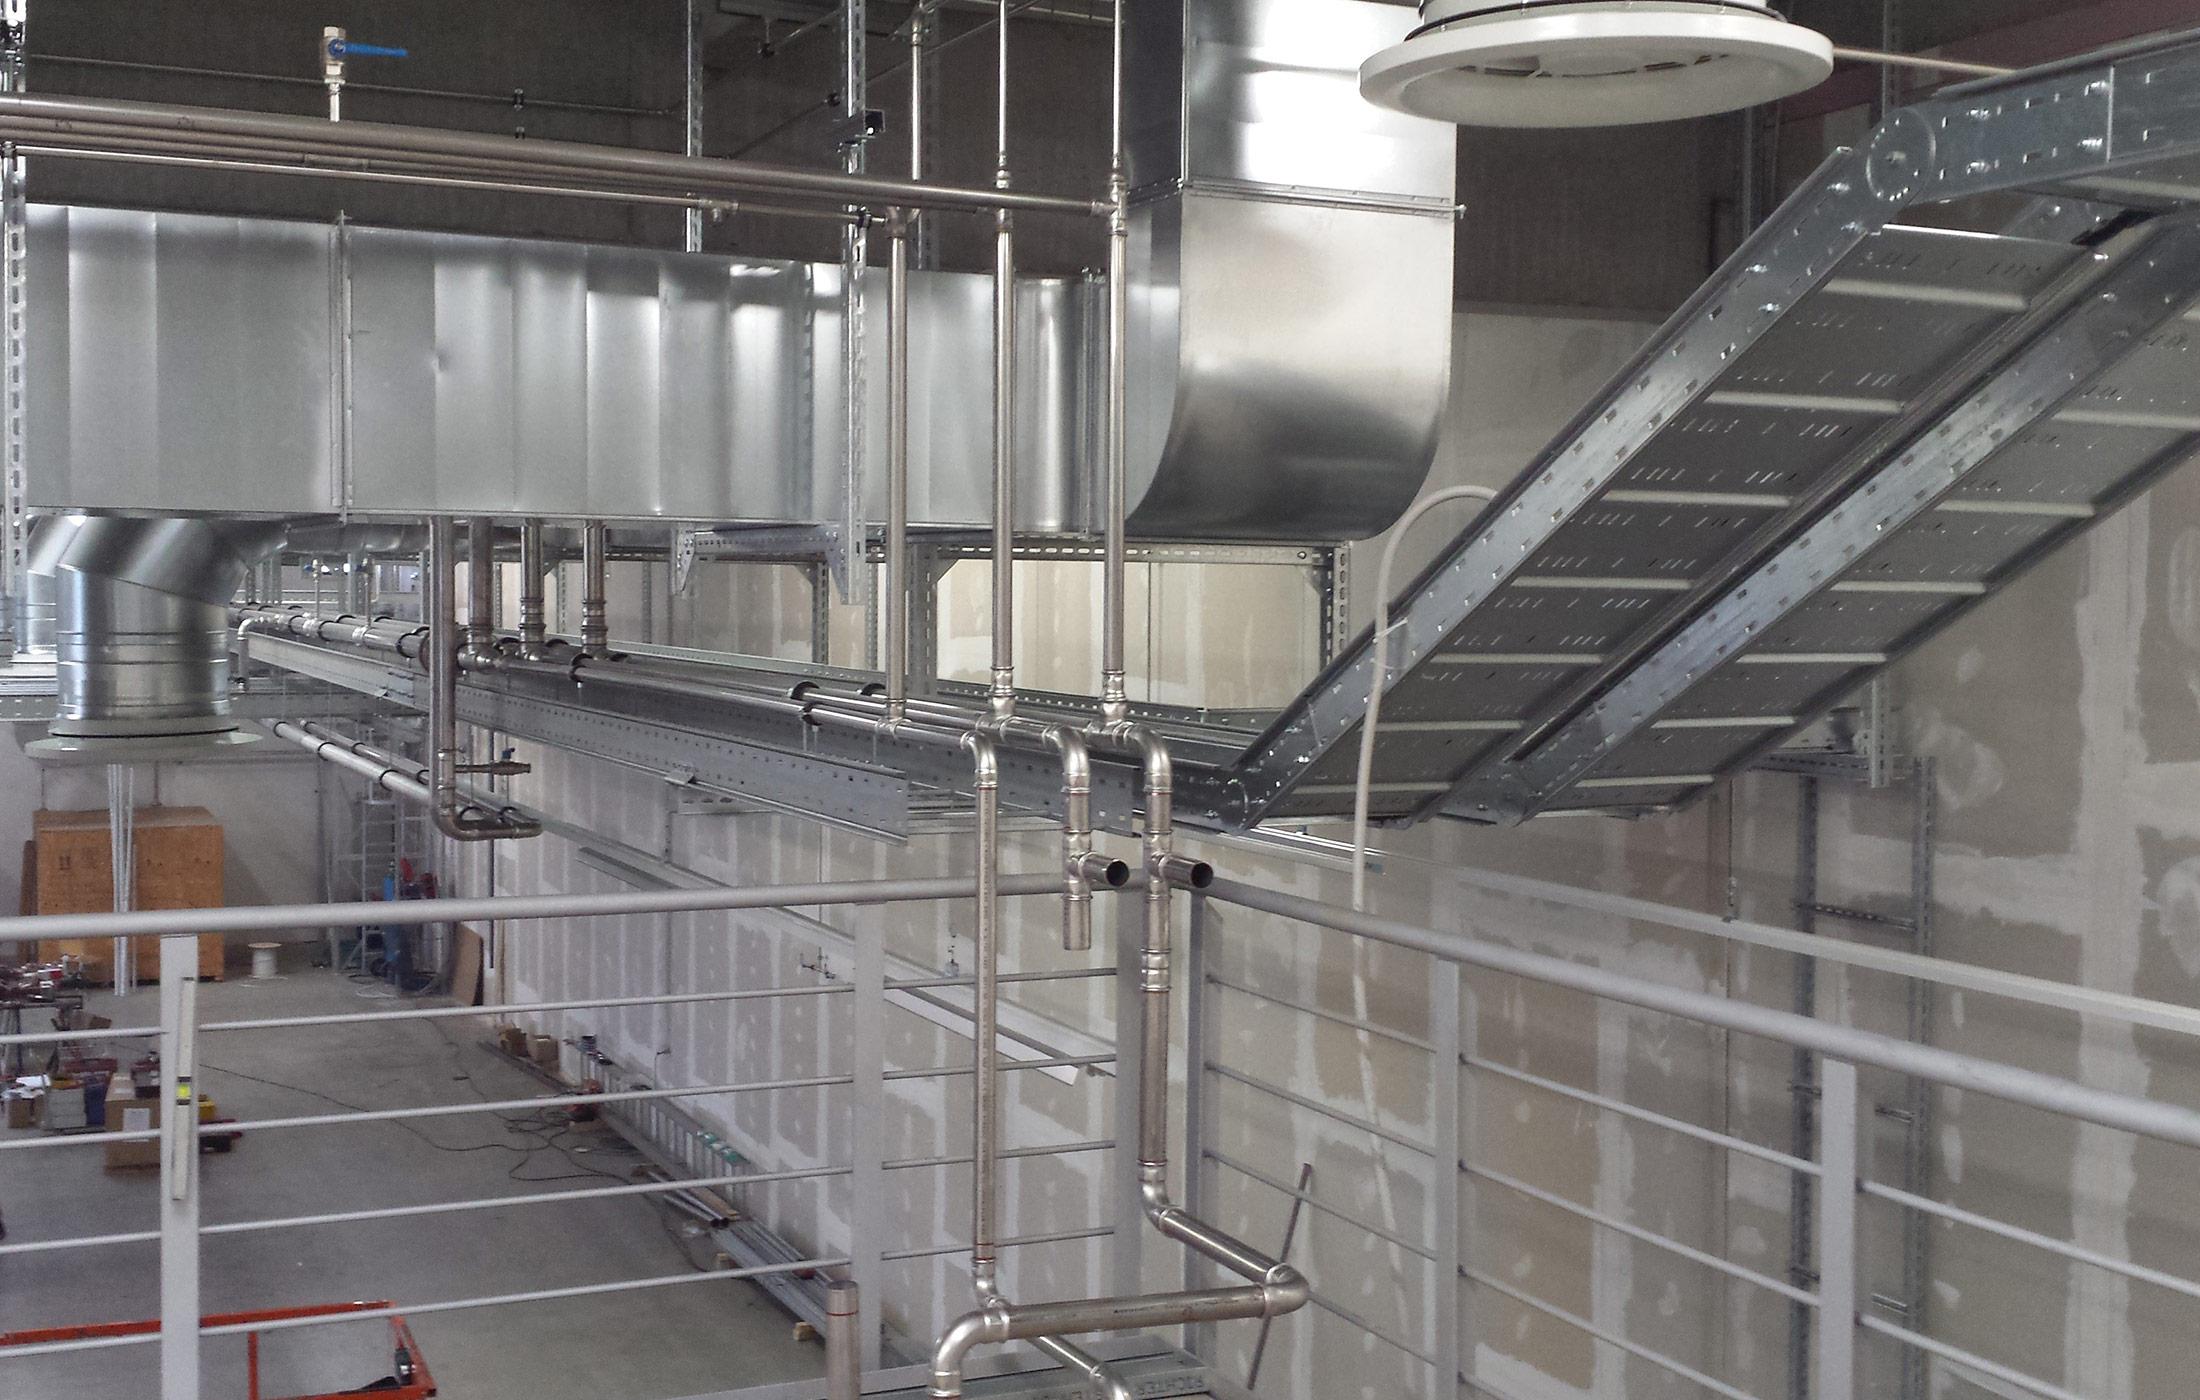 2016, Ausbau von Produktionshallen der Firma Festo, Denkendorf